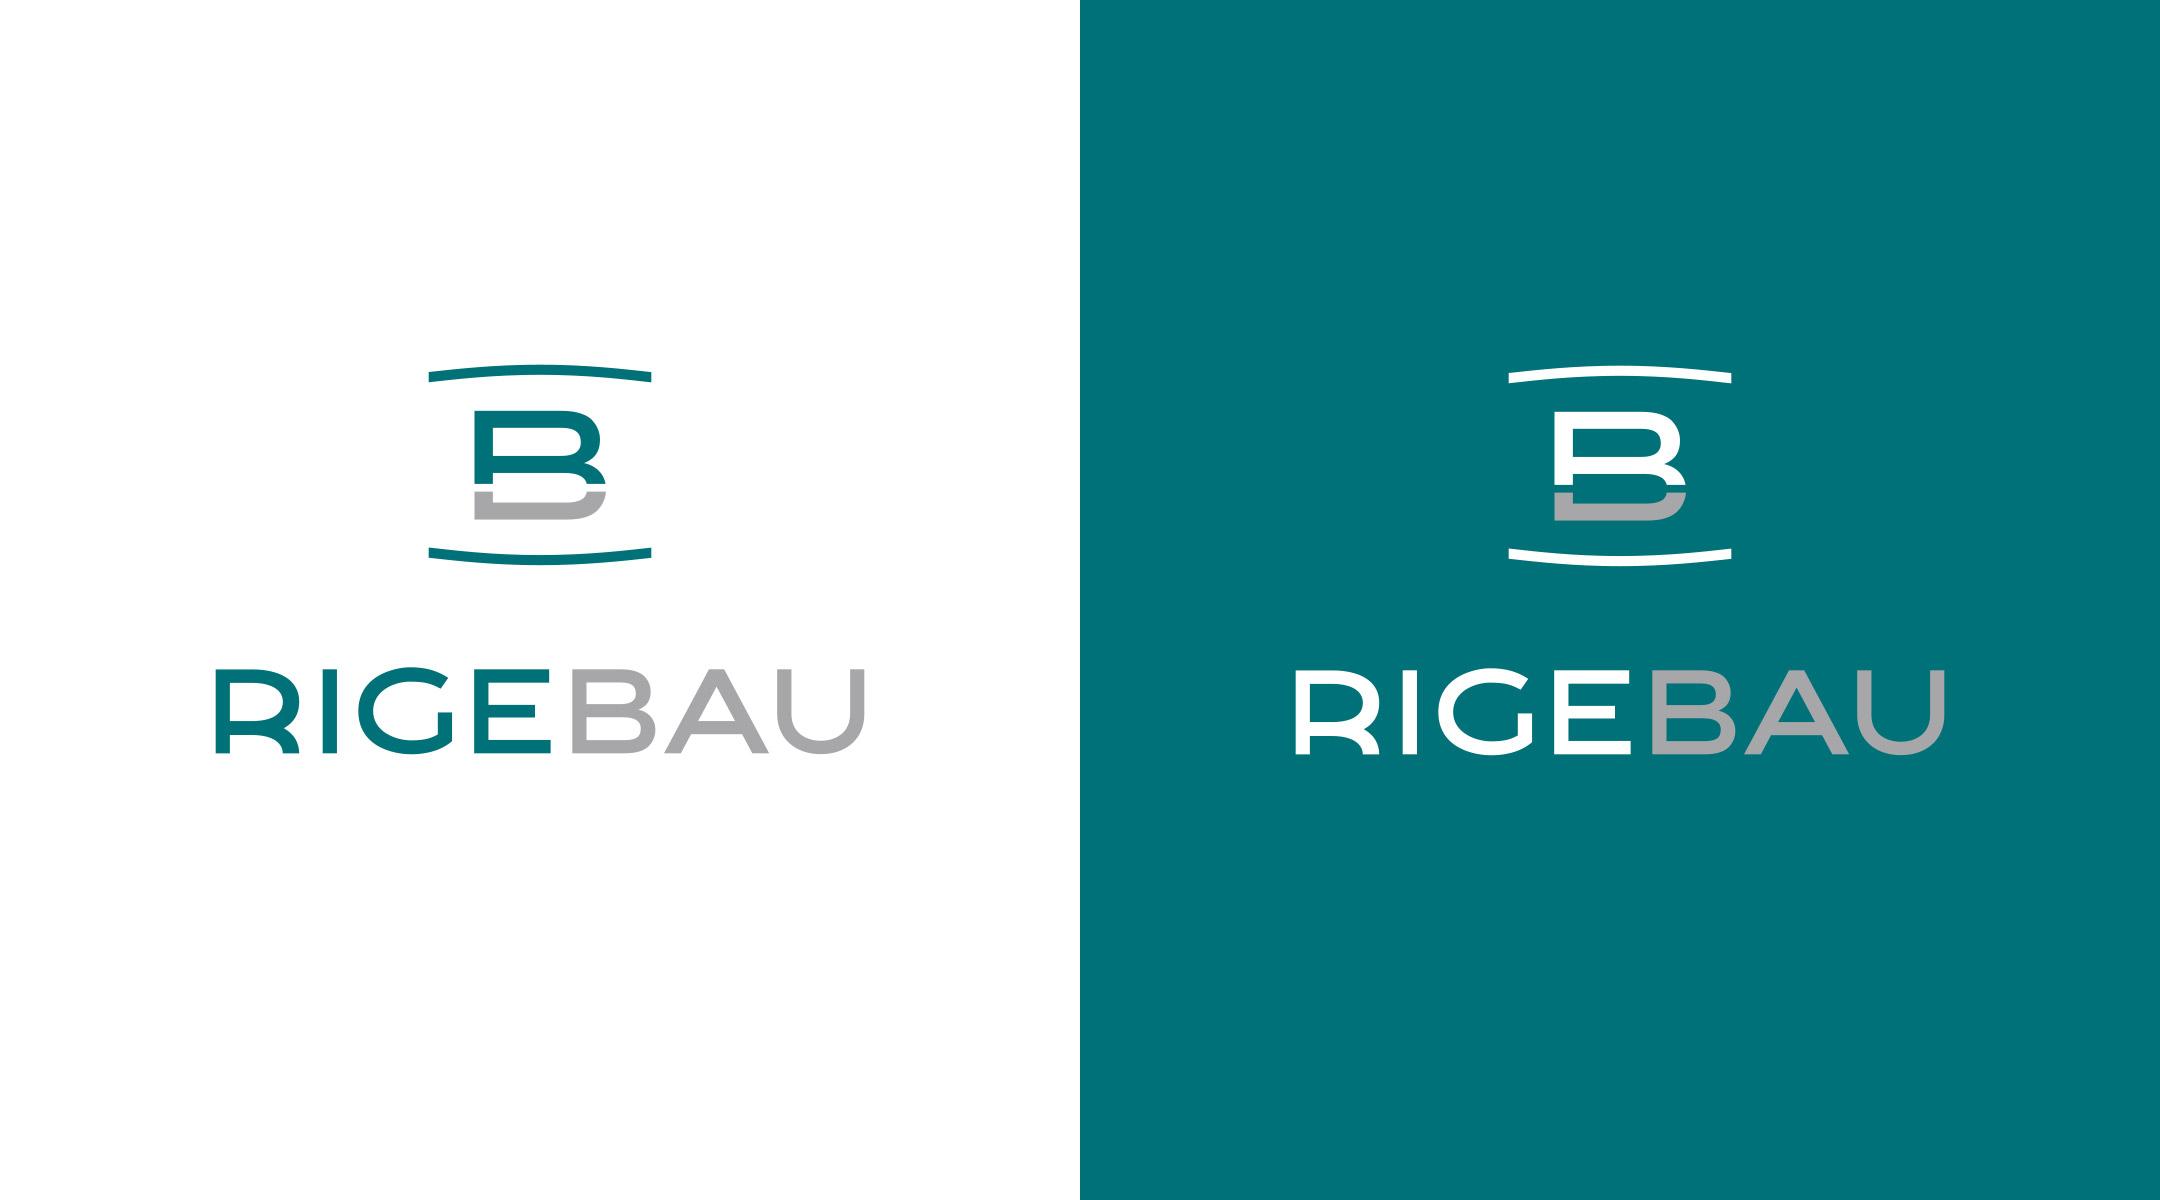 rigebau-logo